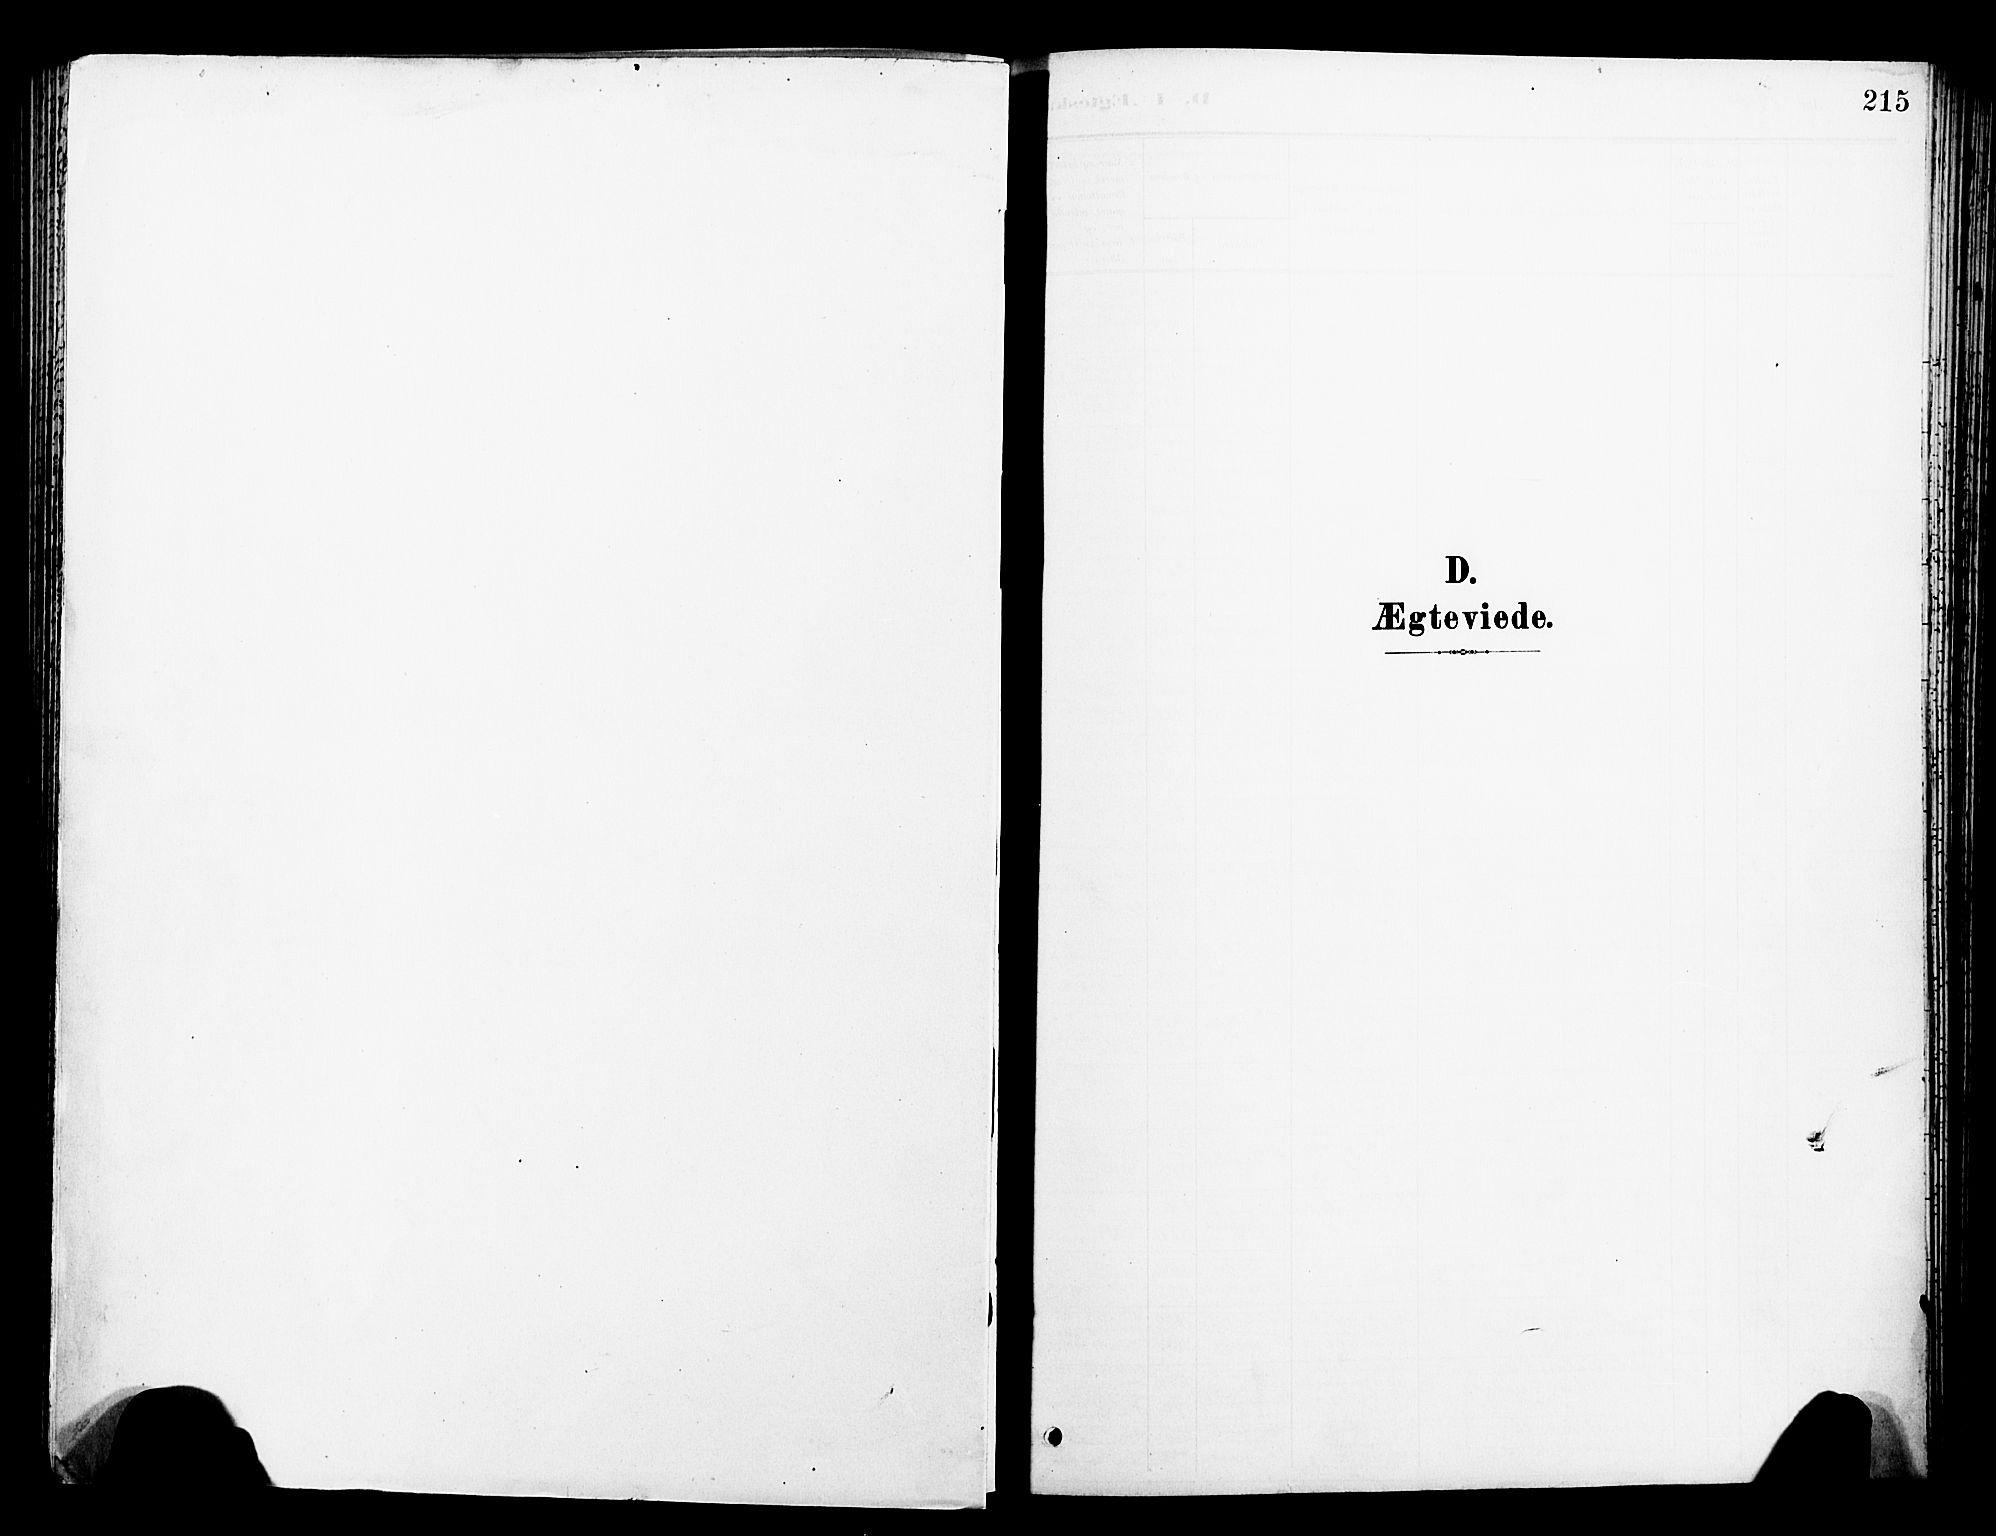 SAT, Ministerialprotokoller, klokkerbøker og fødselsregistre - Sør-Trøndelag, 681/L0942: Klokkerbok nr. 681C06, 1906-1925, s. 215